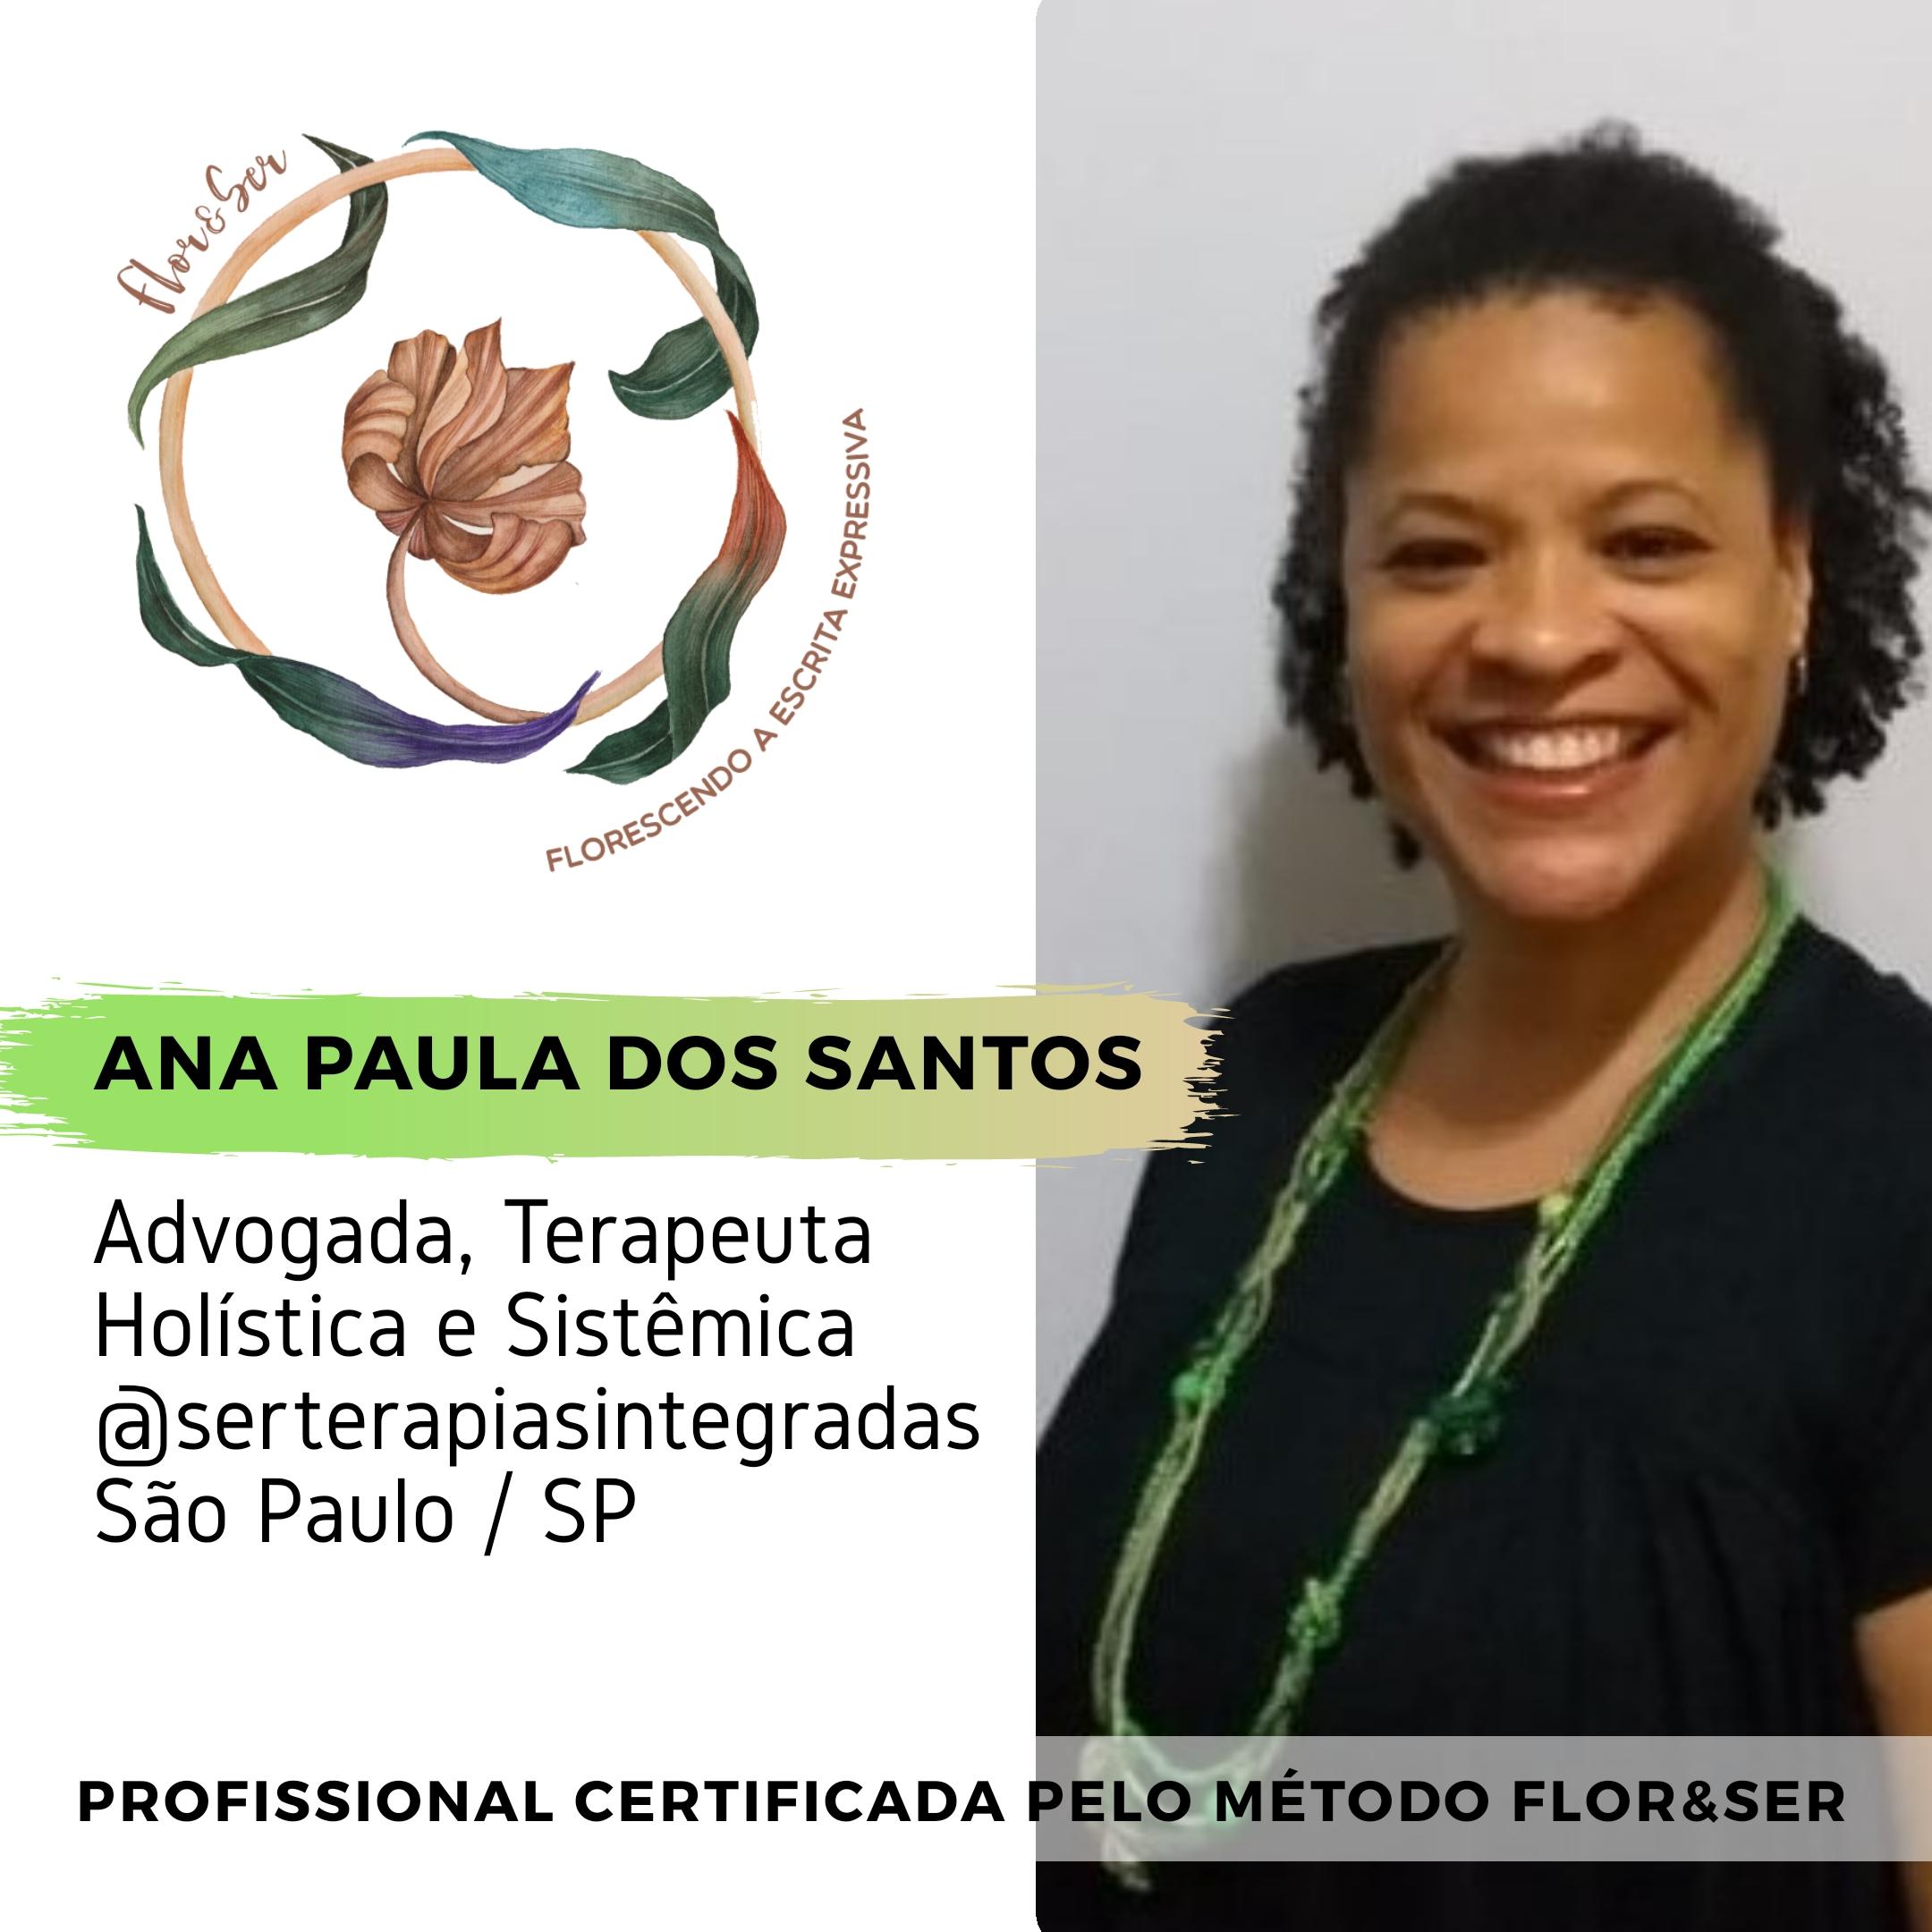 Ana Paula dos Santos